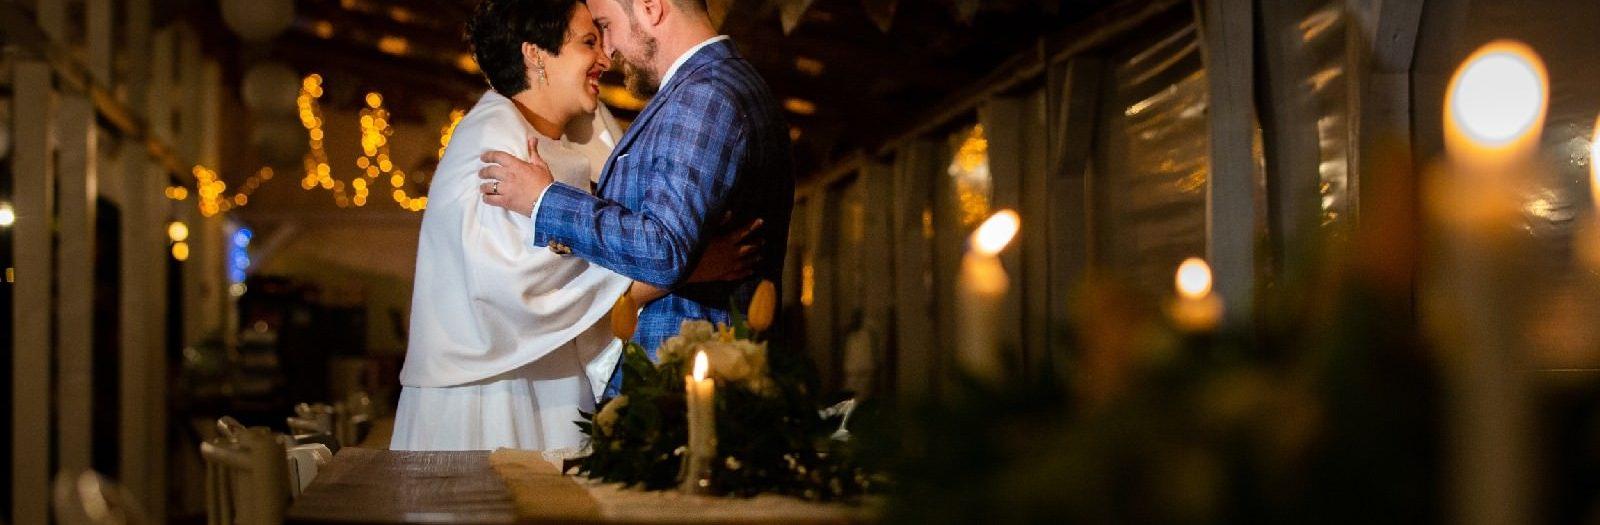 Fotograf wedding house